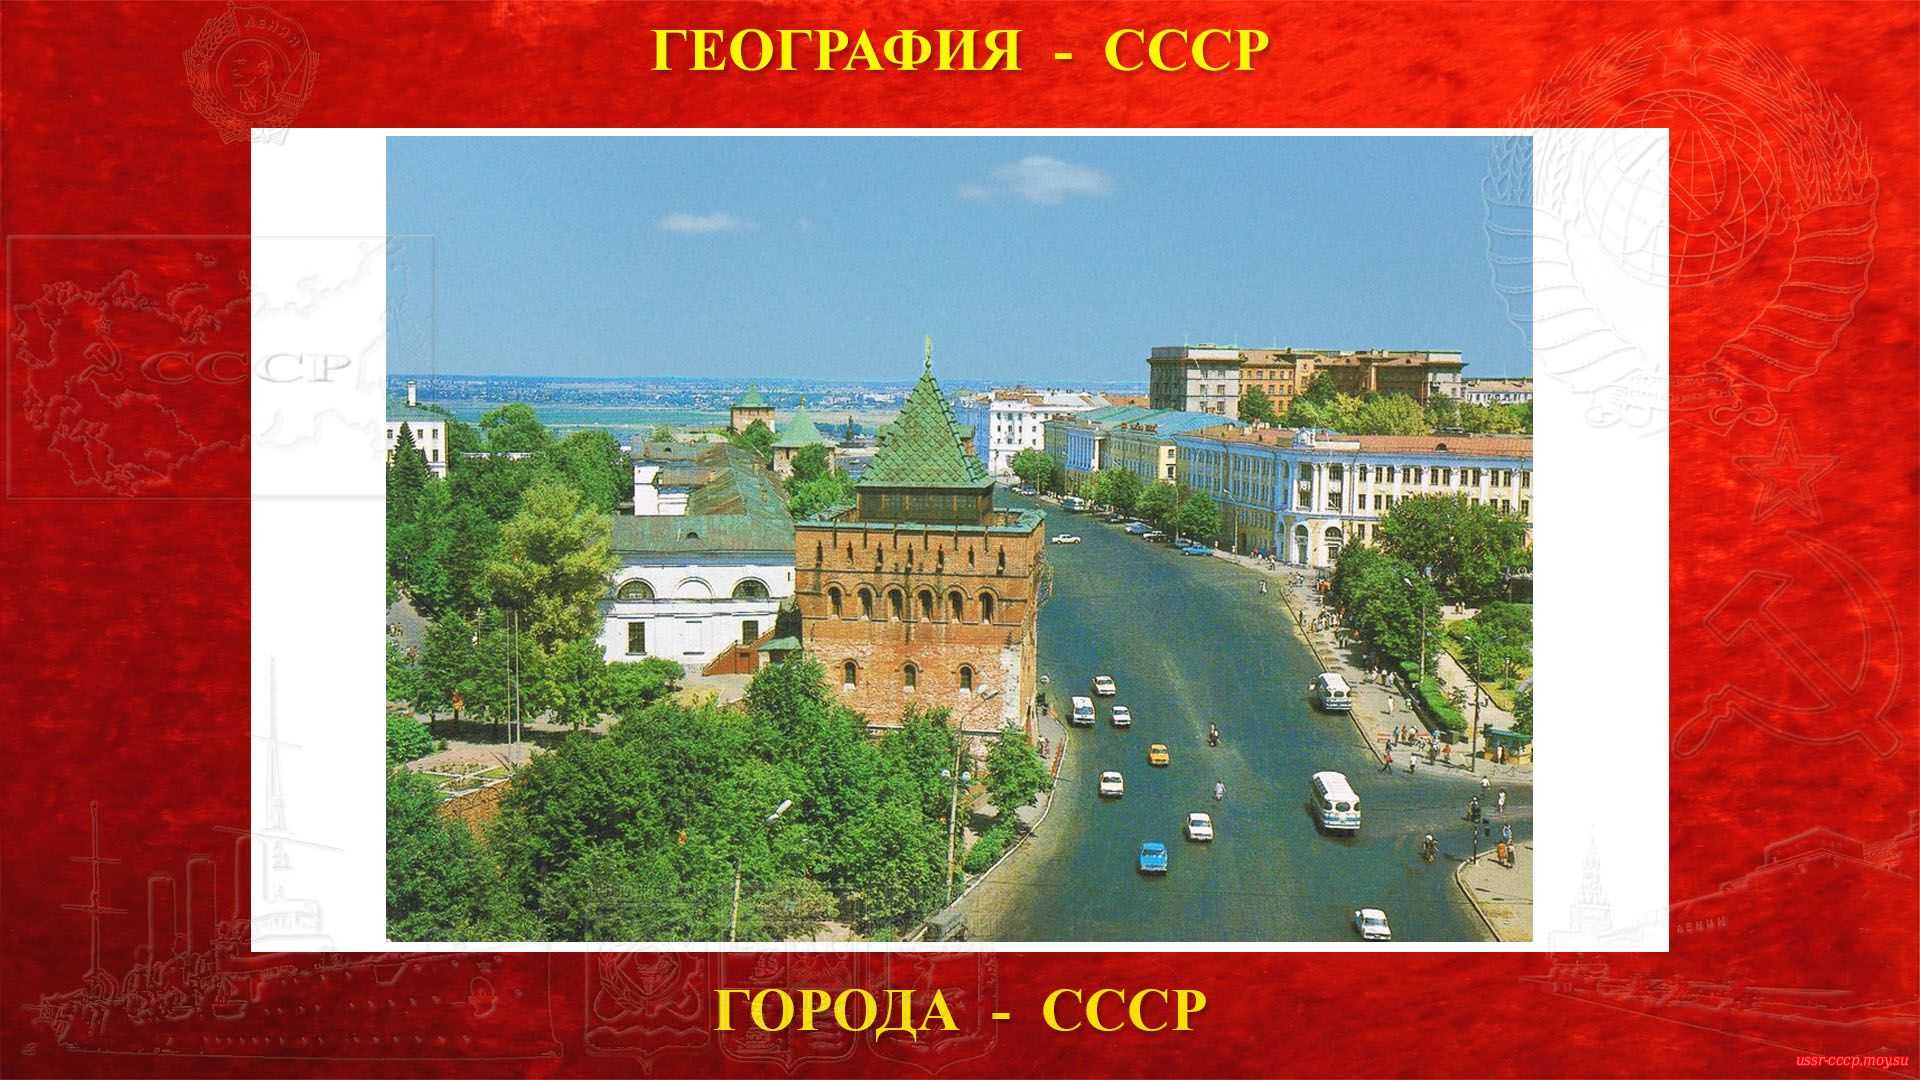 Горький — Город СССР — Важный экономический — Промышленный — Научно-образовательный и культурный центр СССР